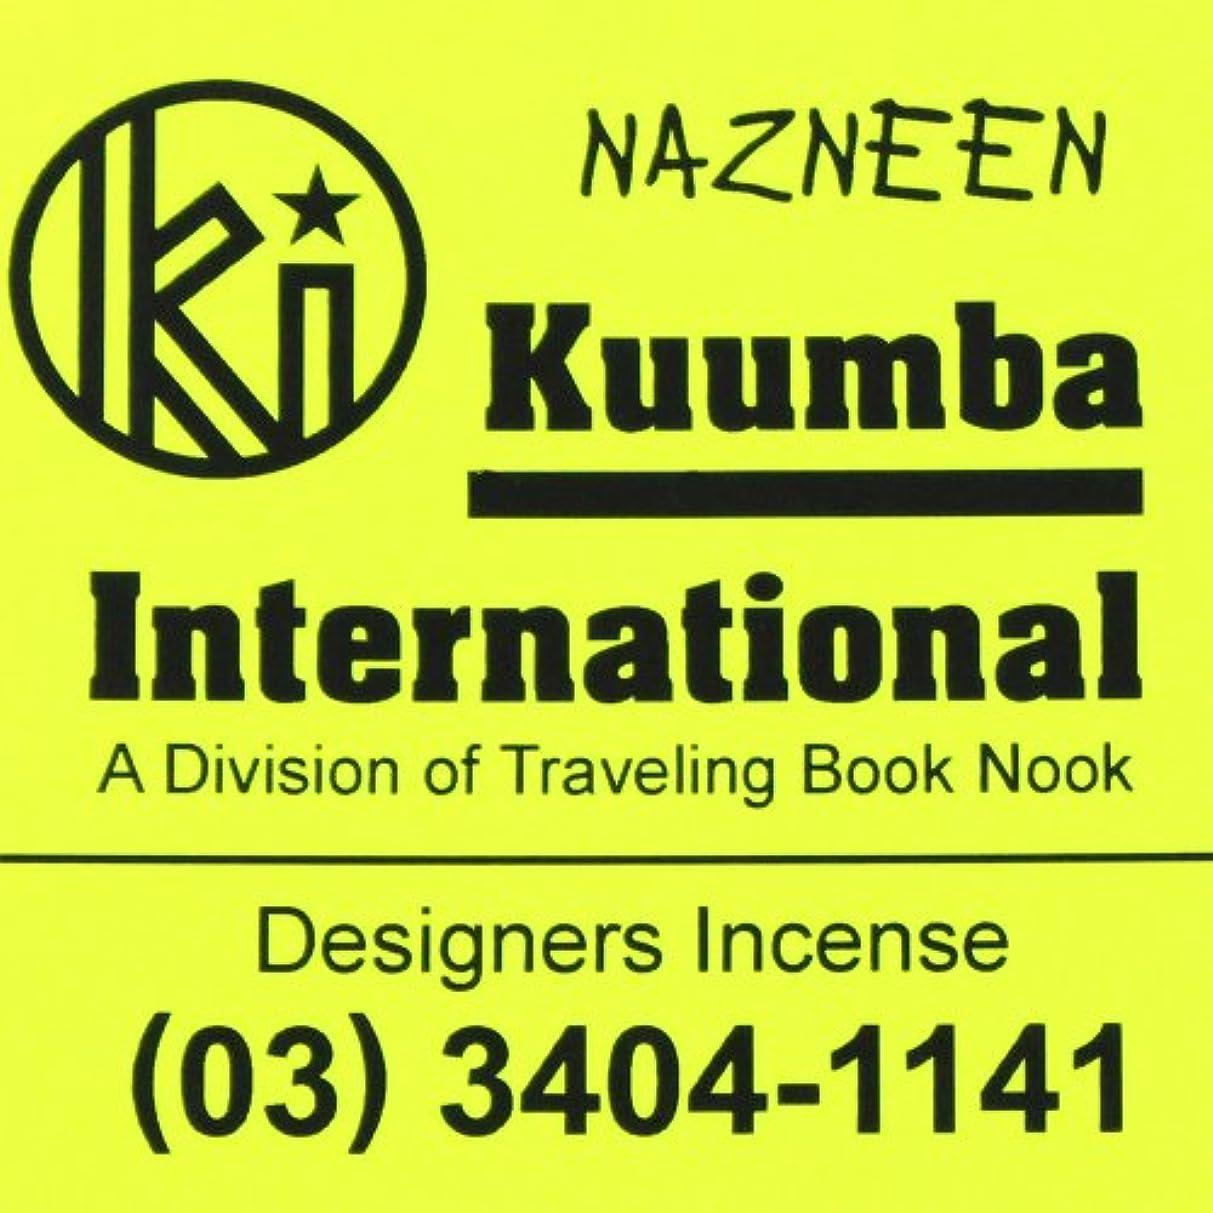 指導するヘッジ狂信者(クンバ) KUUMBA『classic regular incense』(NAZNEEN) (Regular size)